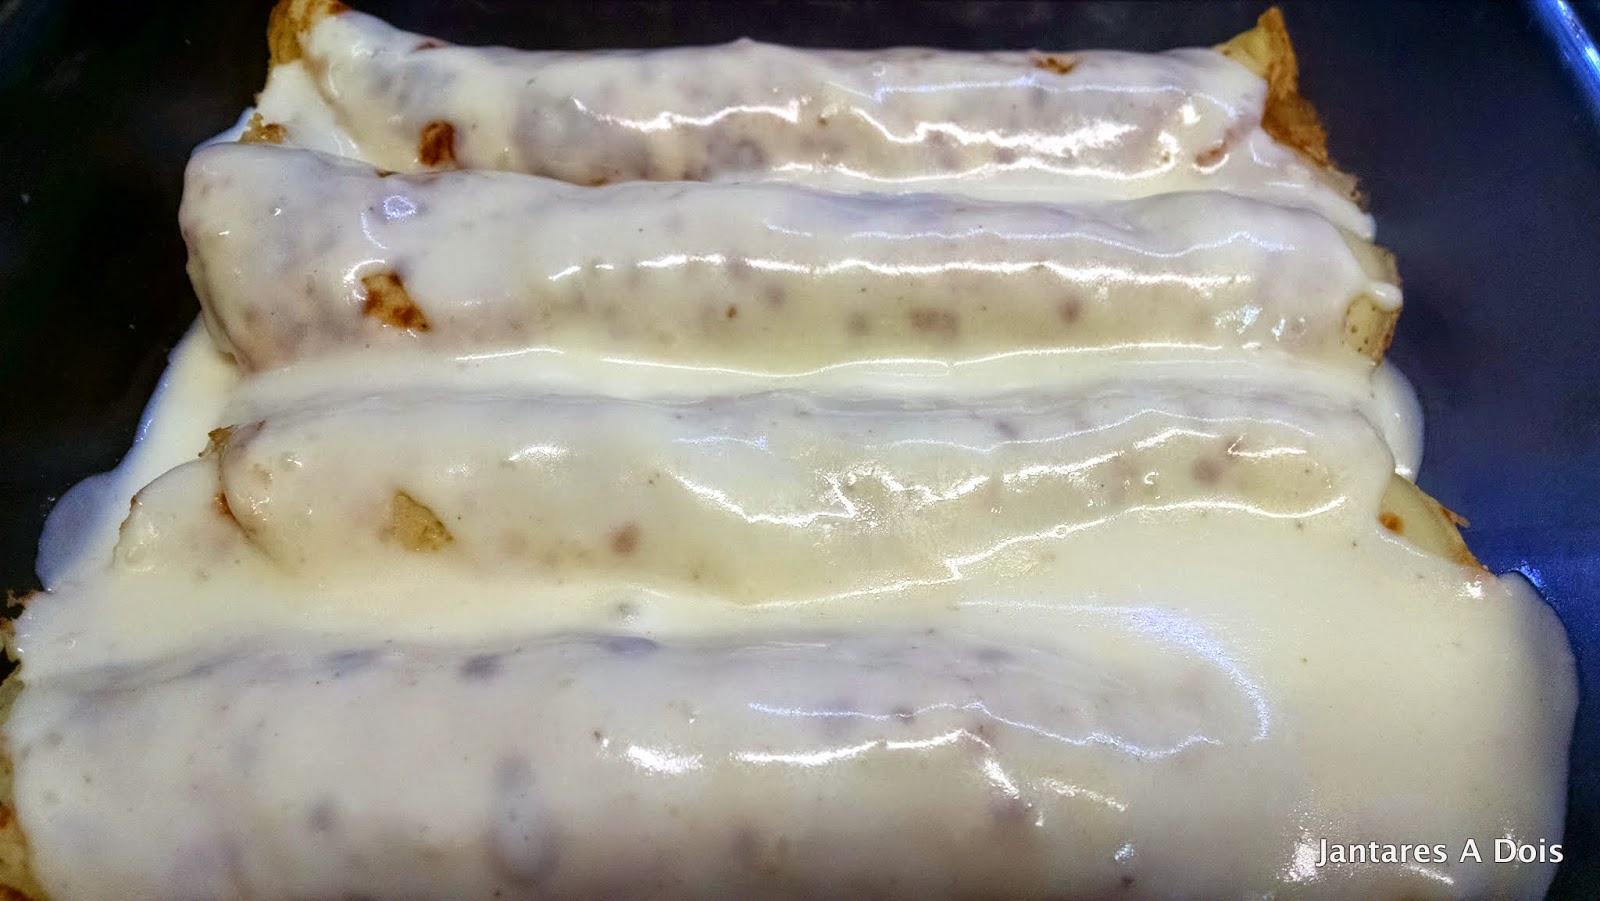 Panquecas enroladas cobertas com o molho bechamel